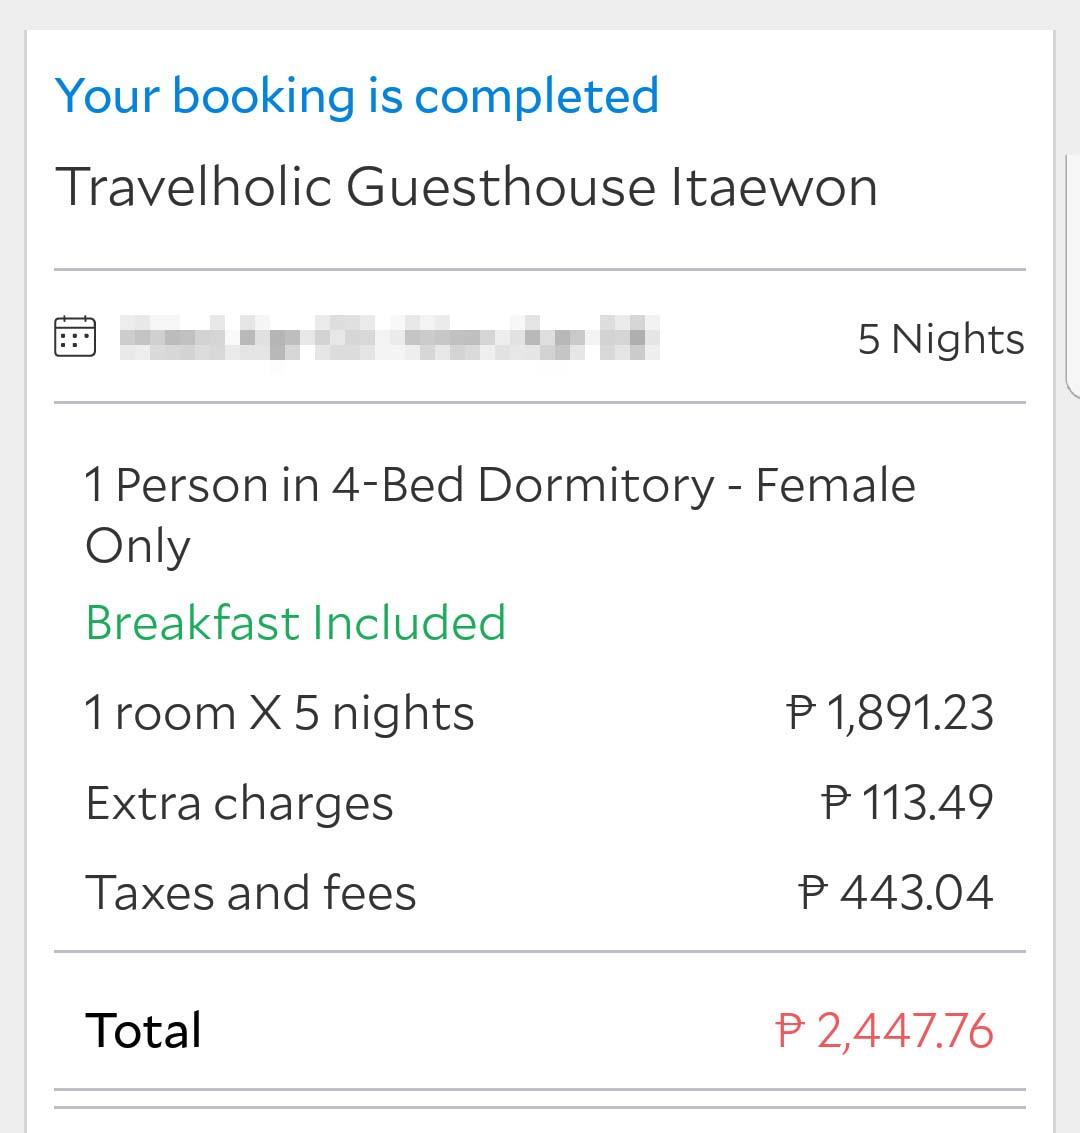 travelholic guesthouse itaewon